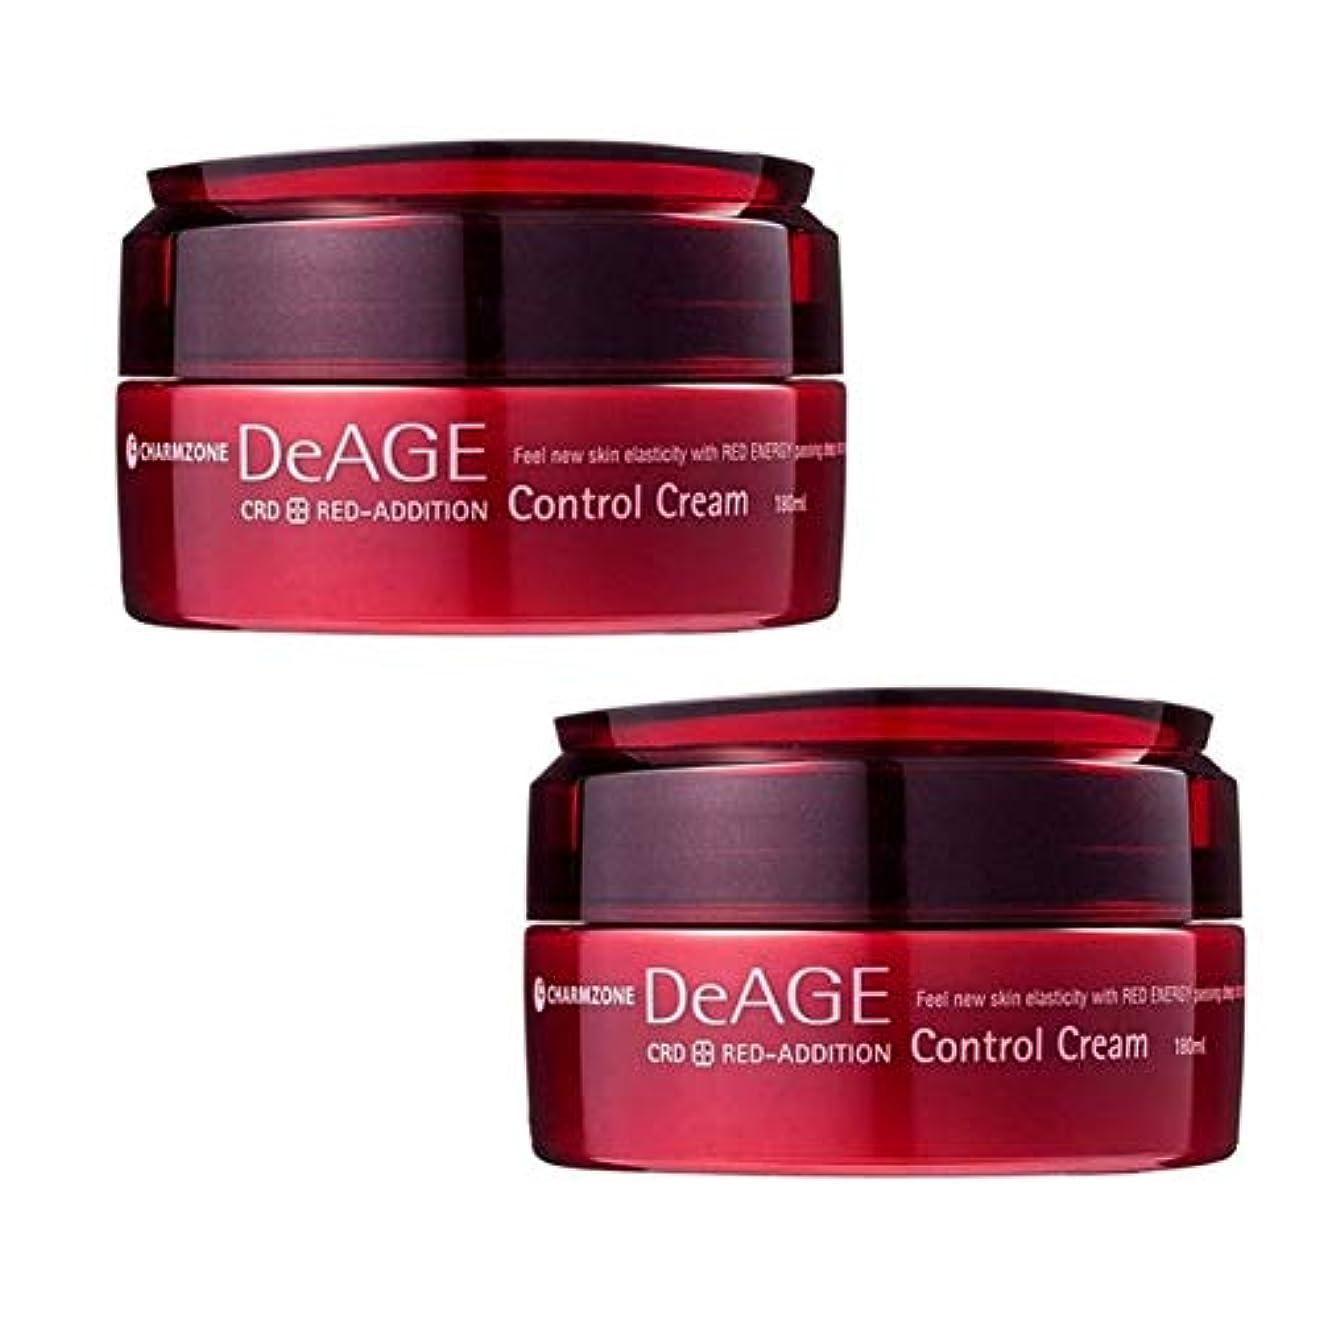 パーツ前投薬カヌーチャムジョンディエイジレッドエディションコントロールクリーム180ml x 2本セットマッサージクリーム、Charmzone DeAGE Red-Addition Control Cream 180ml x 2ea Set...